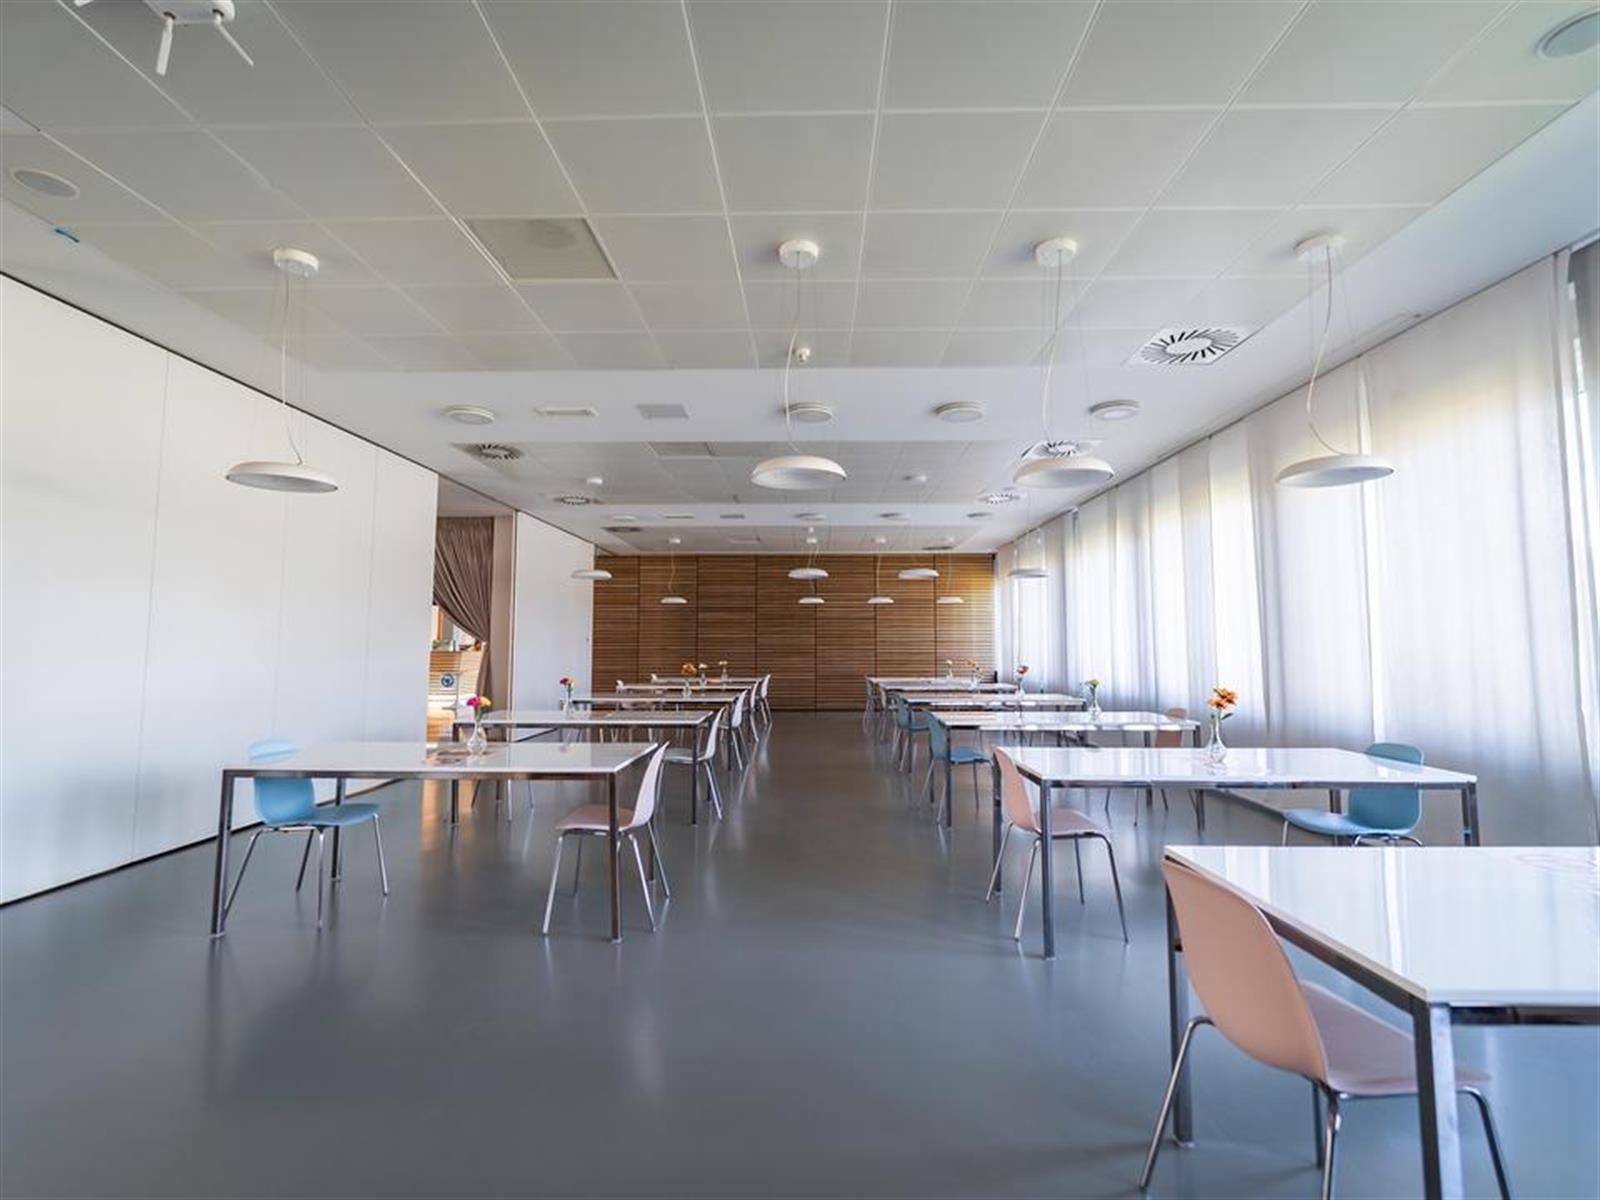 kantoren & magazijn te huur I157 - Satenrozen 11-13, 2550 Kontich, België 2